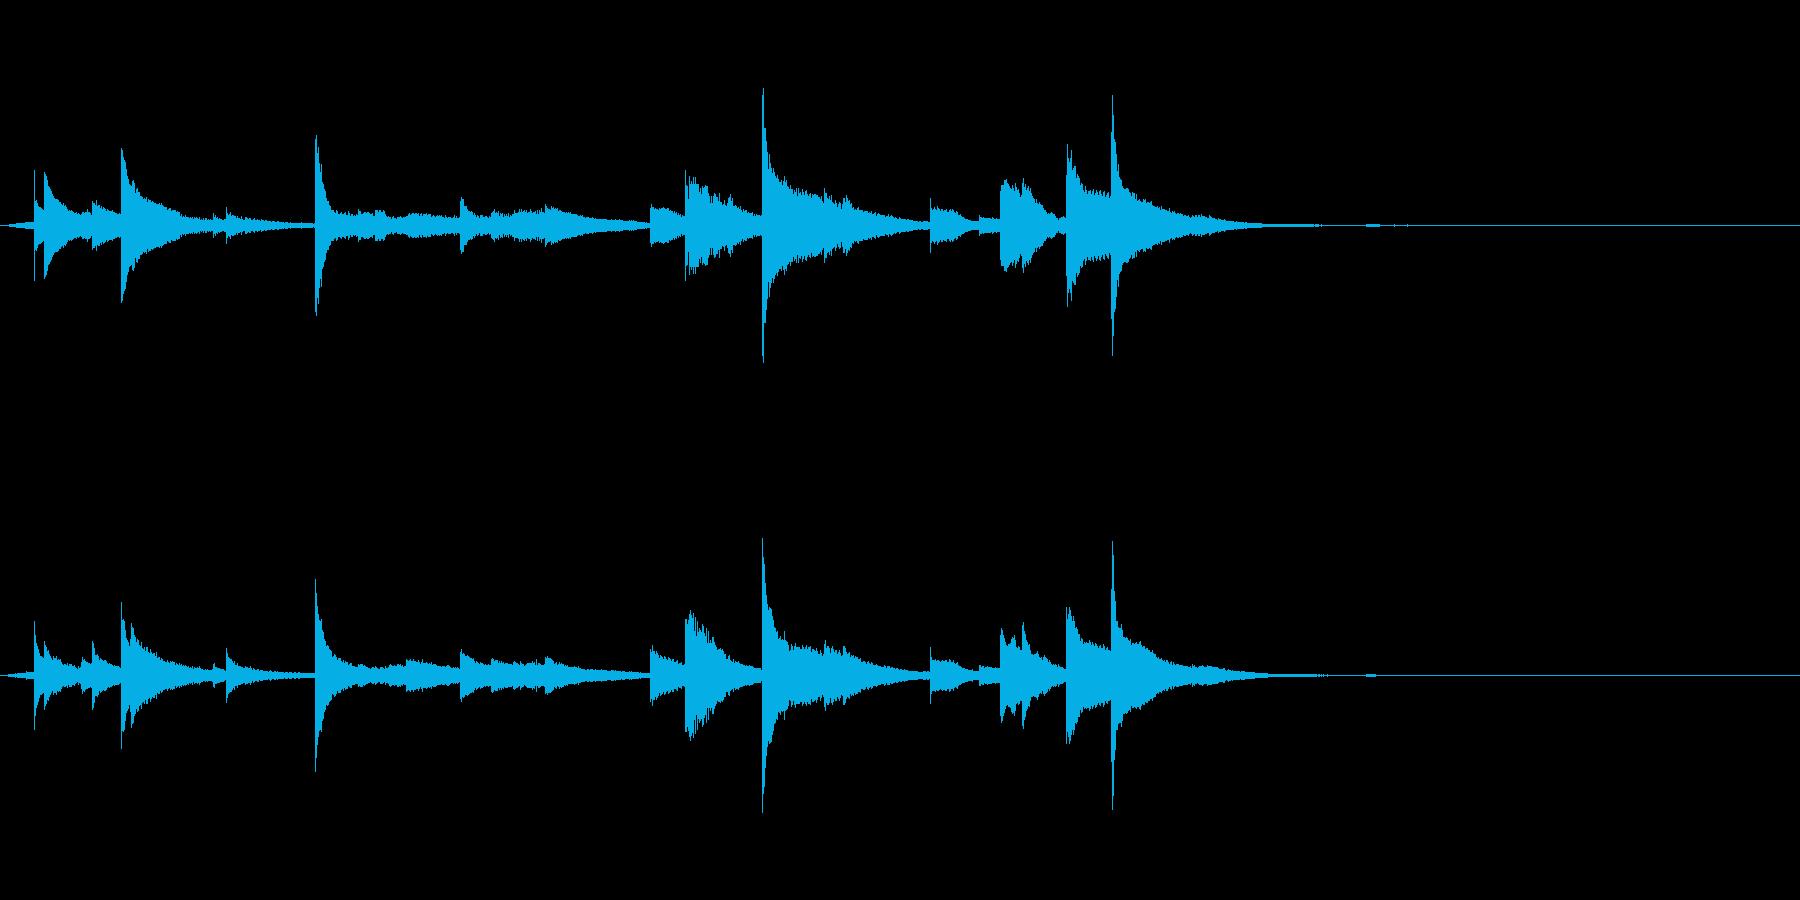 シャララーン…鐘の音色のような金属音2の再生済みの波形